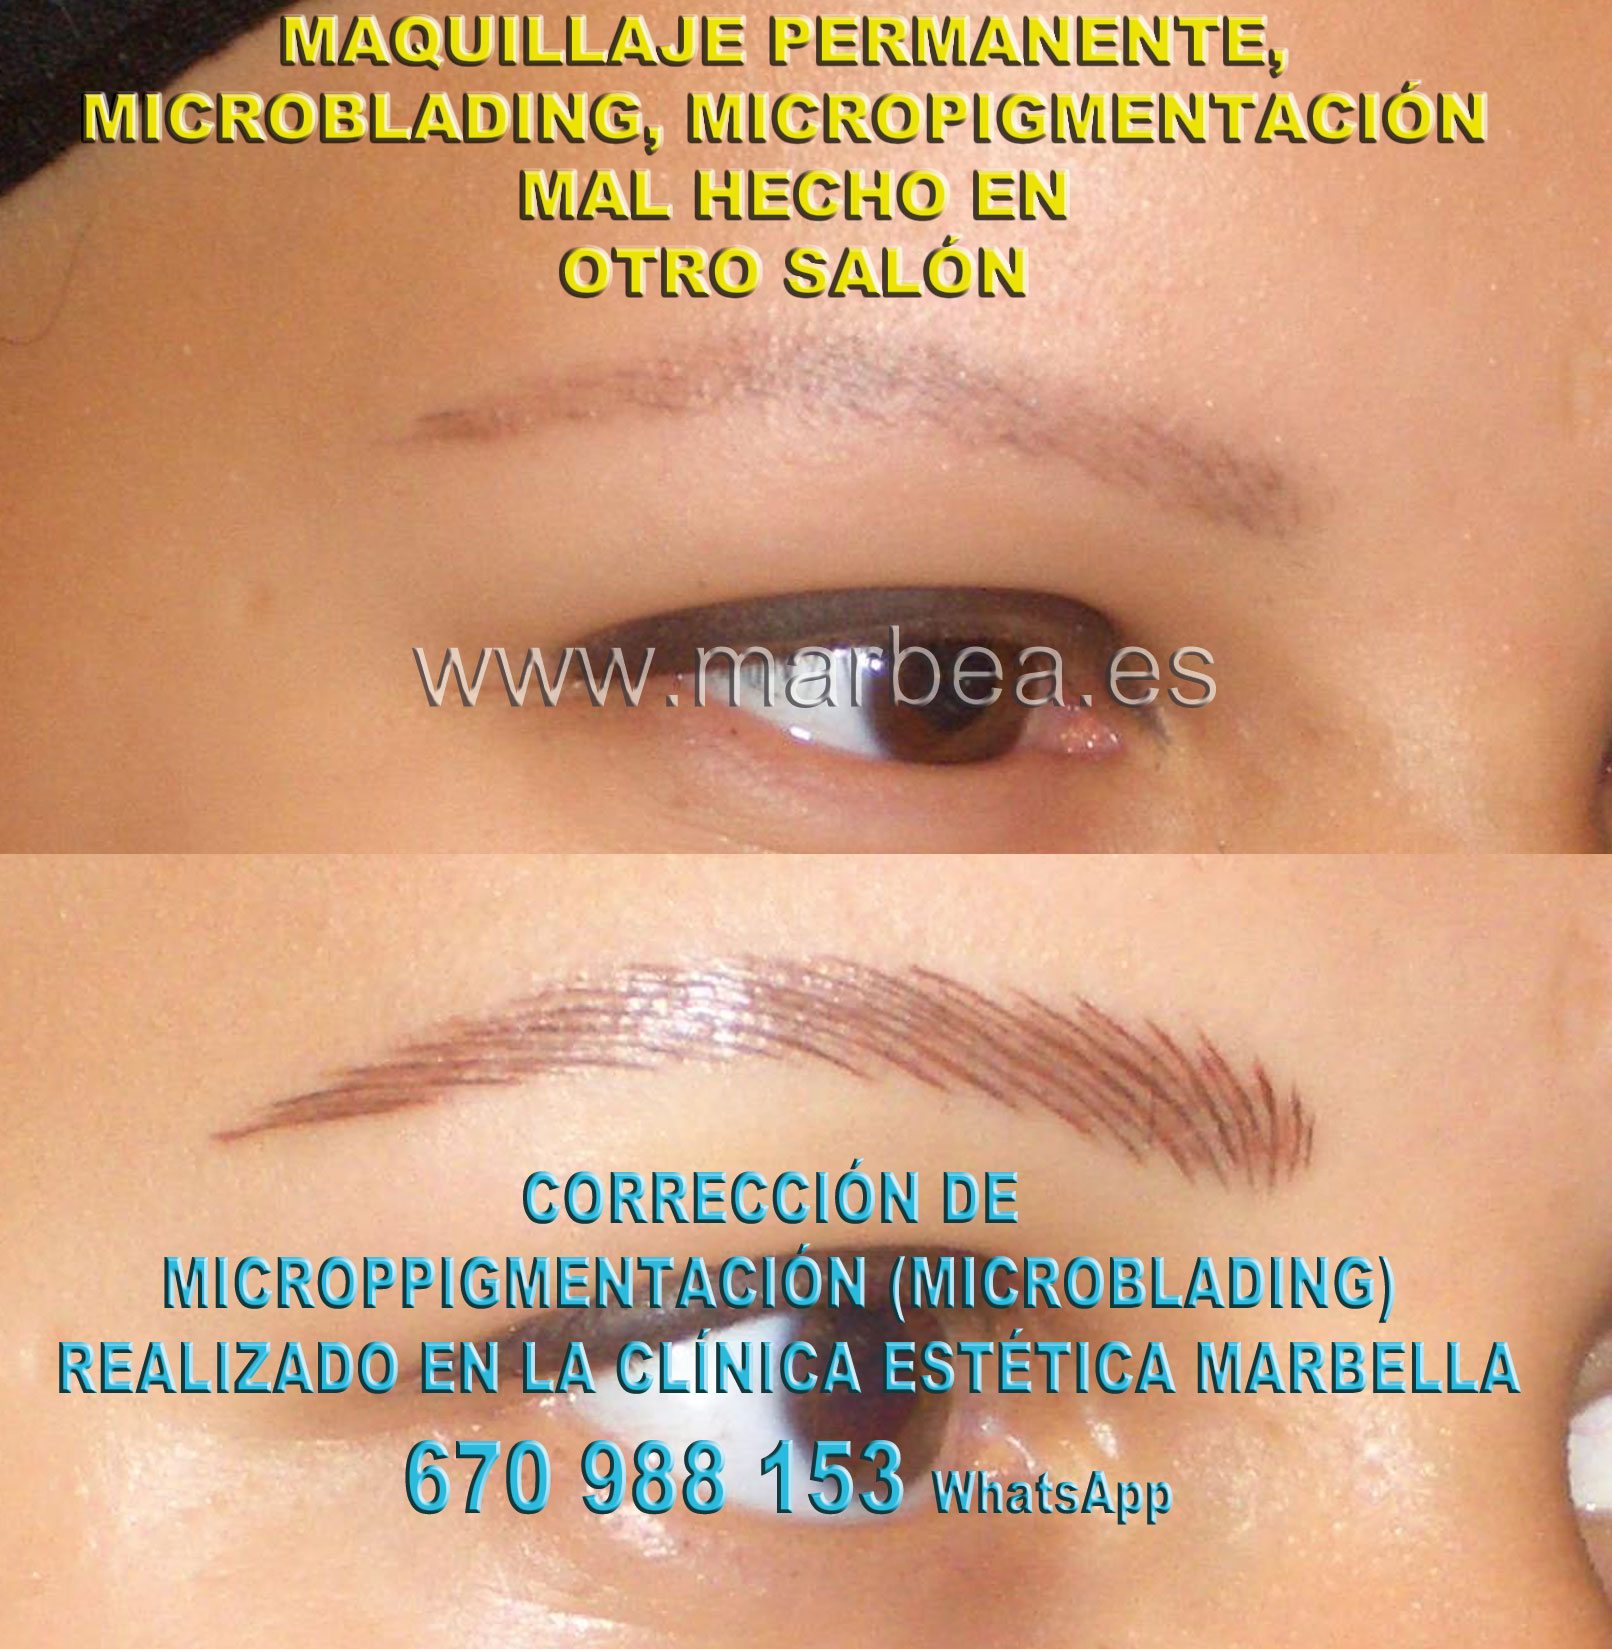 MAQUILLAJE PERMANENTE CEJAS MAL HECHO clínica estética micropigmentación propone corrección de cejas mal tatuadas,reparamos microppigmentacion mal hechos